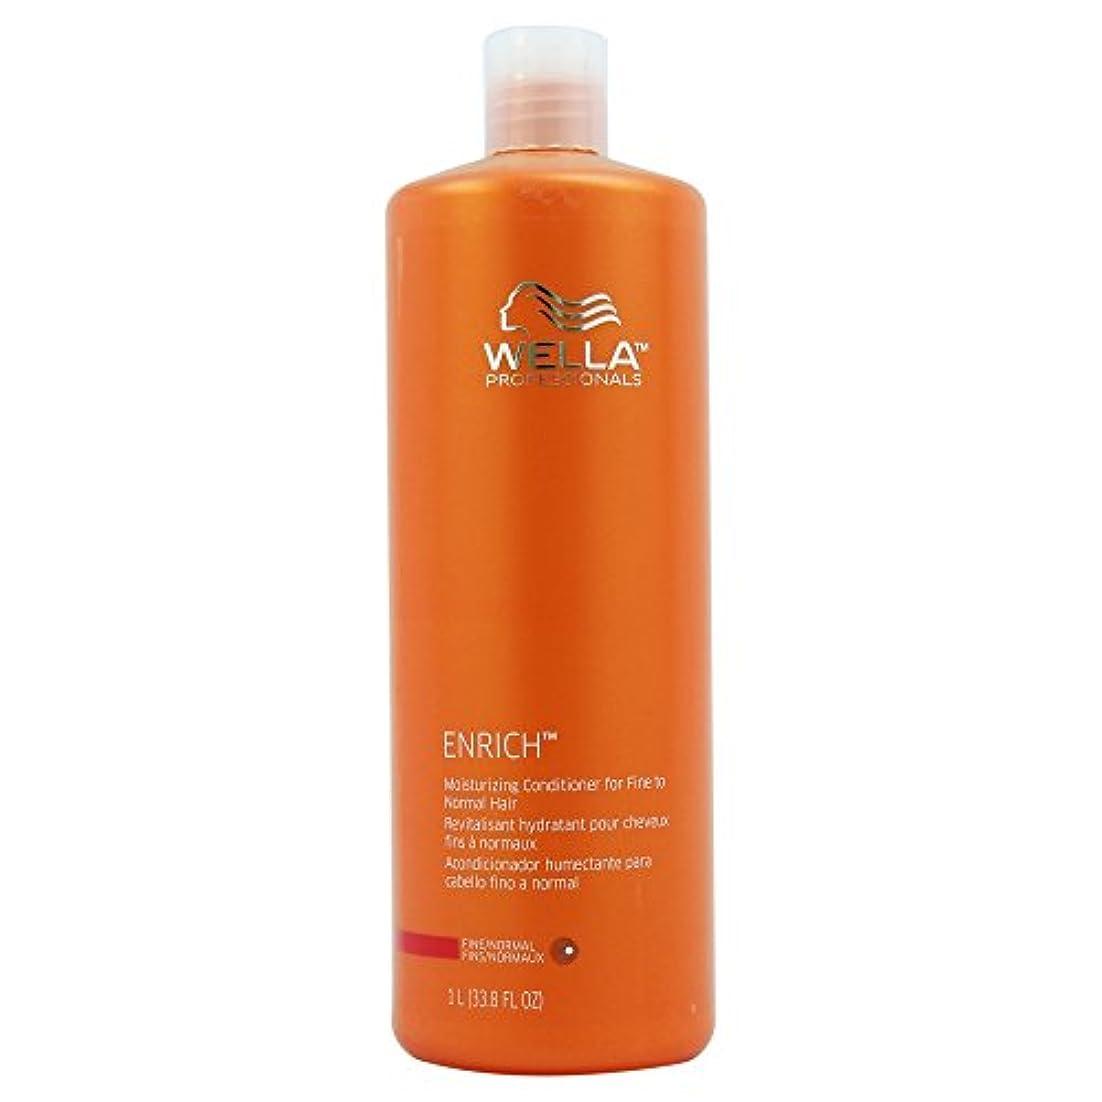 意見回転する激怒Wella Enriched Moisturizing Conditioner for Fine To Normal Hair for Unisex, 33.8 Ounce by Wella